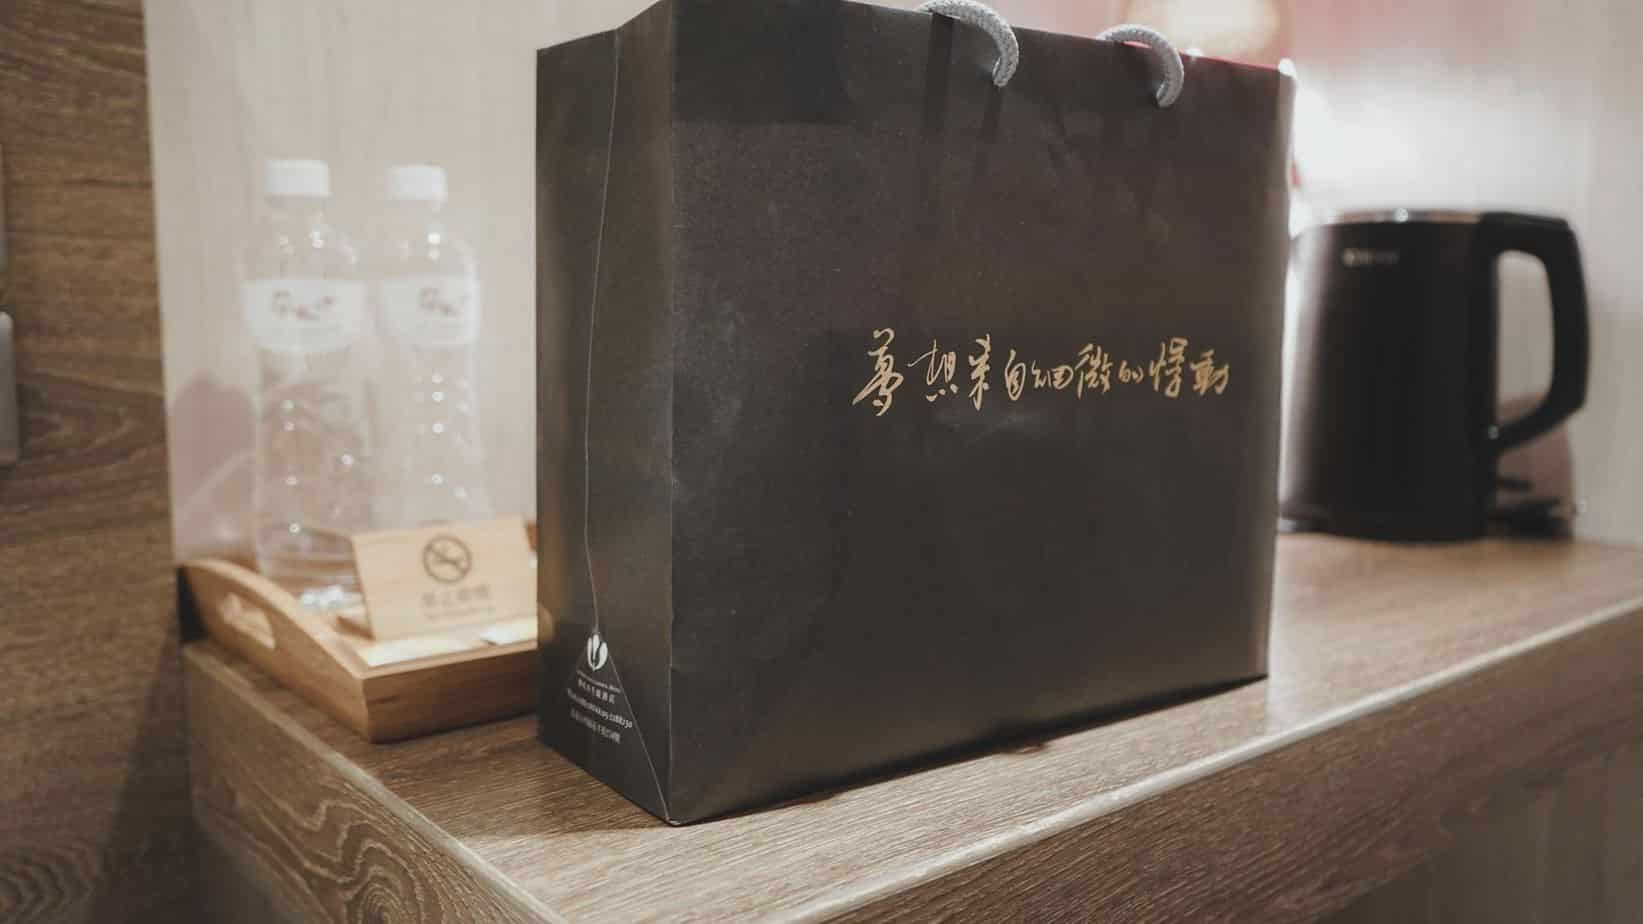 蘭桂坊花園酒店 超有質感的紙袋,拍照也很好用